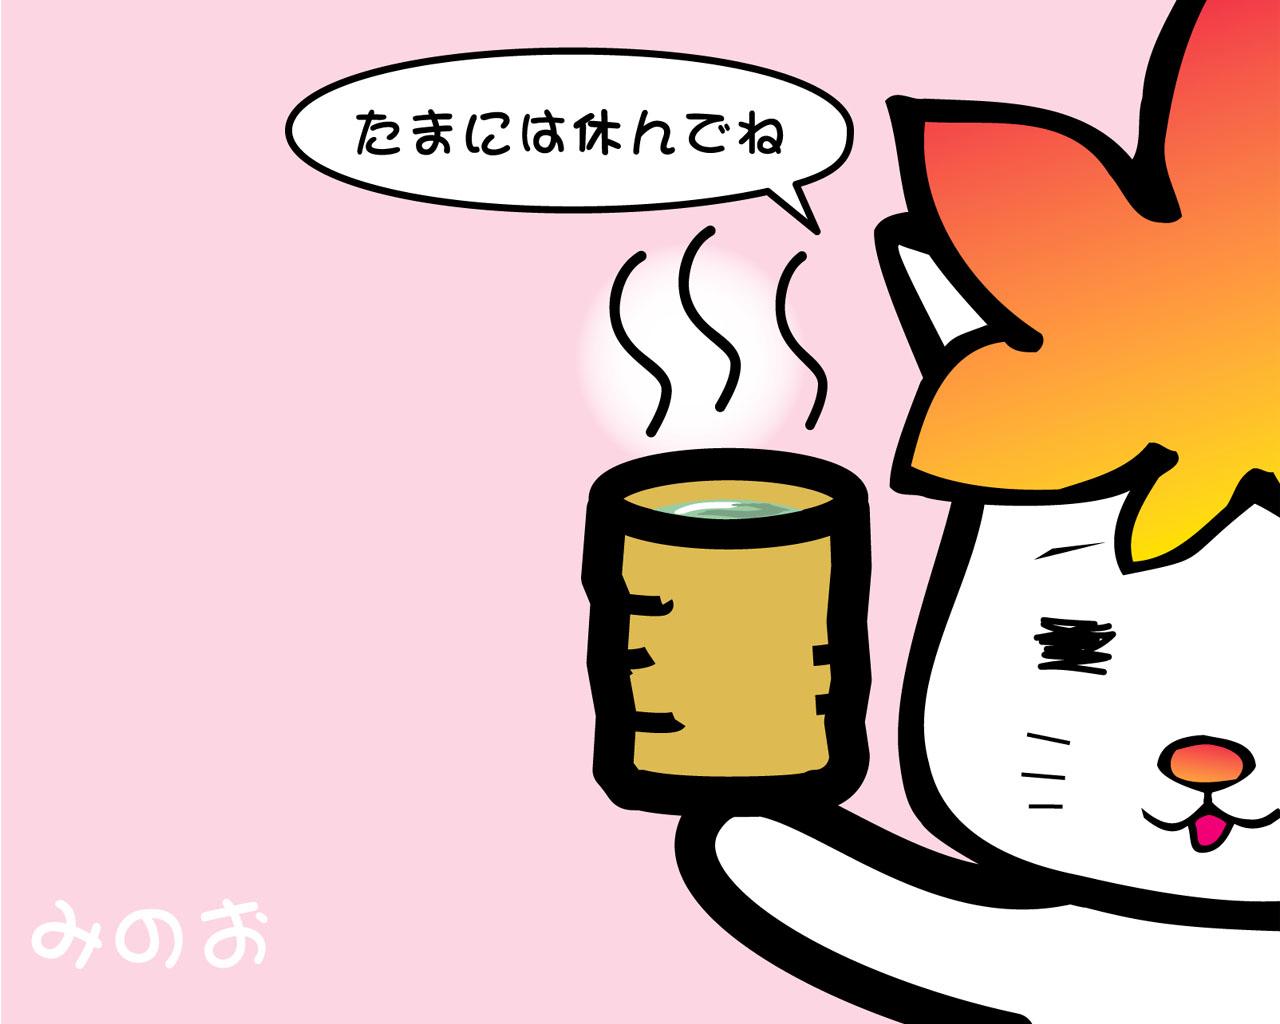 箕面壁紙アルバム 箕面市